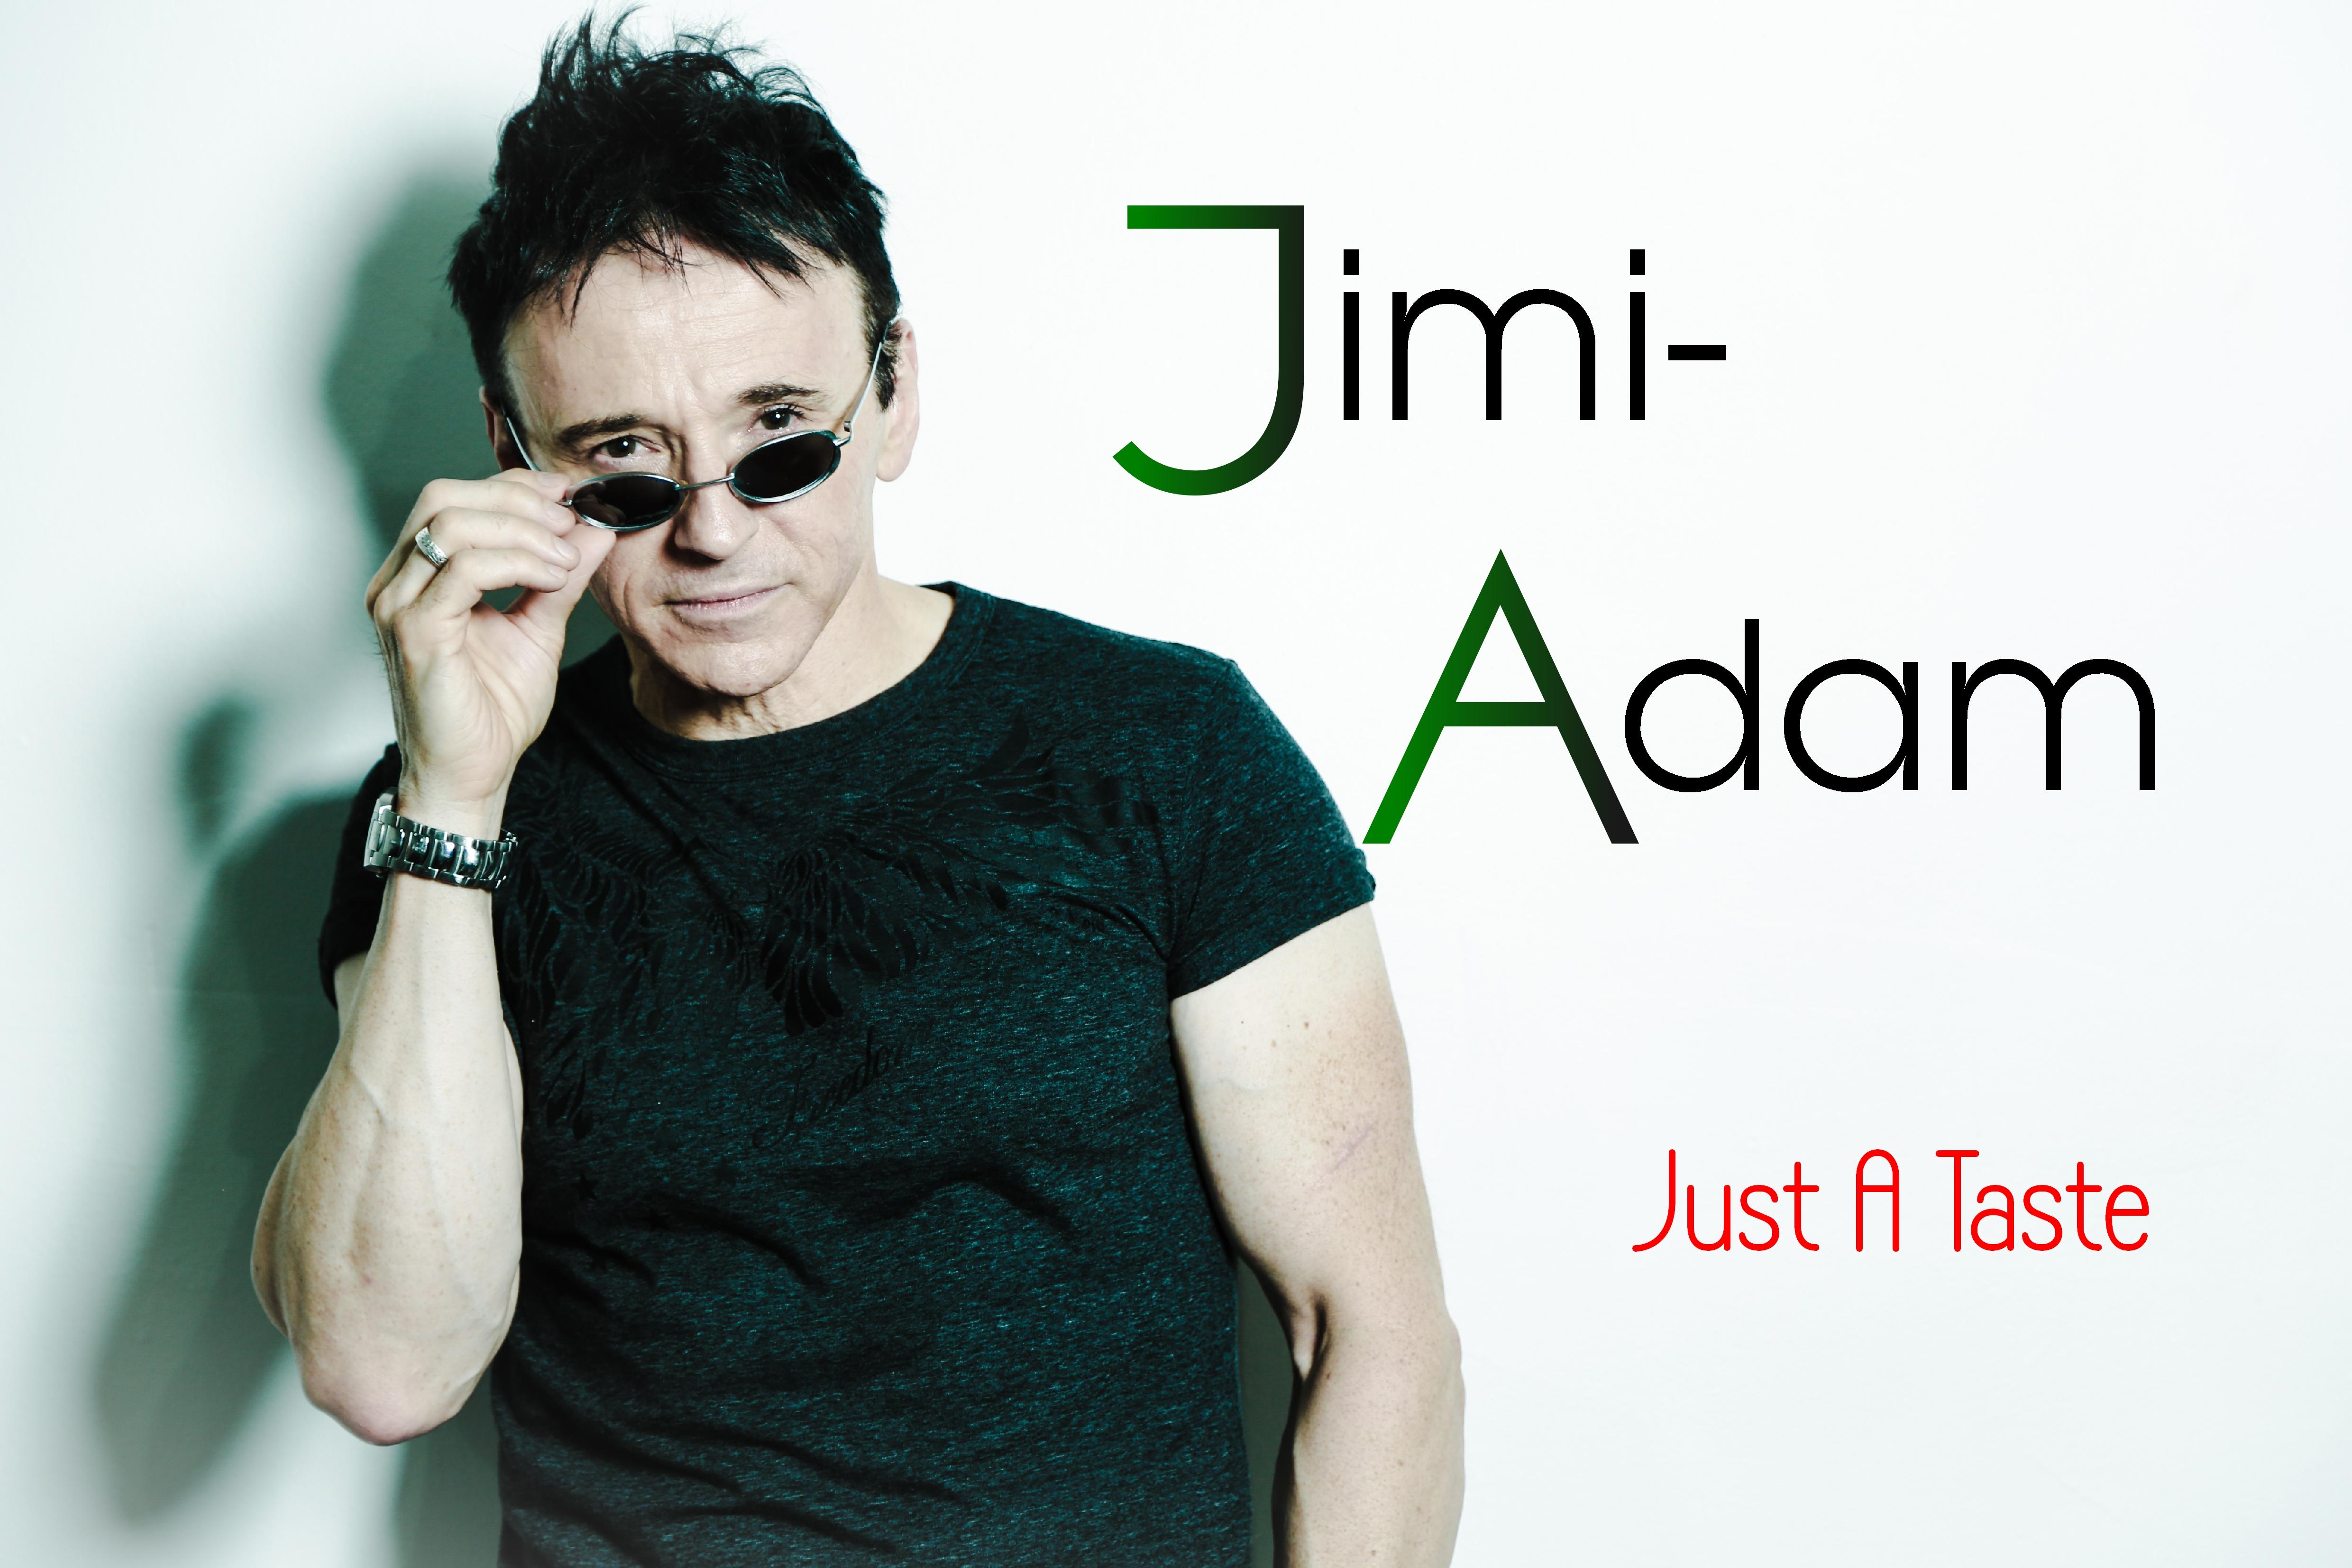 Jimi- Adam